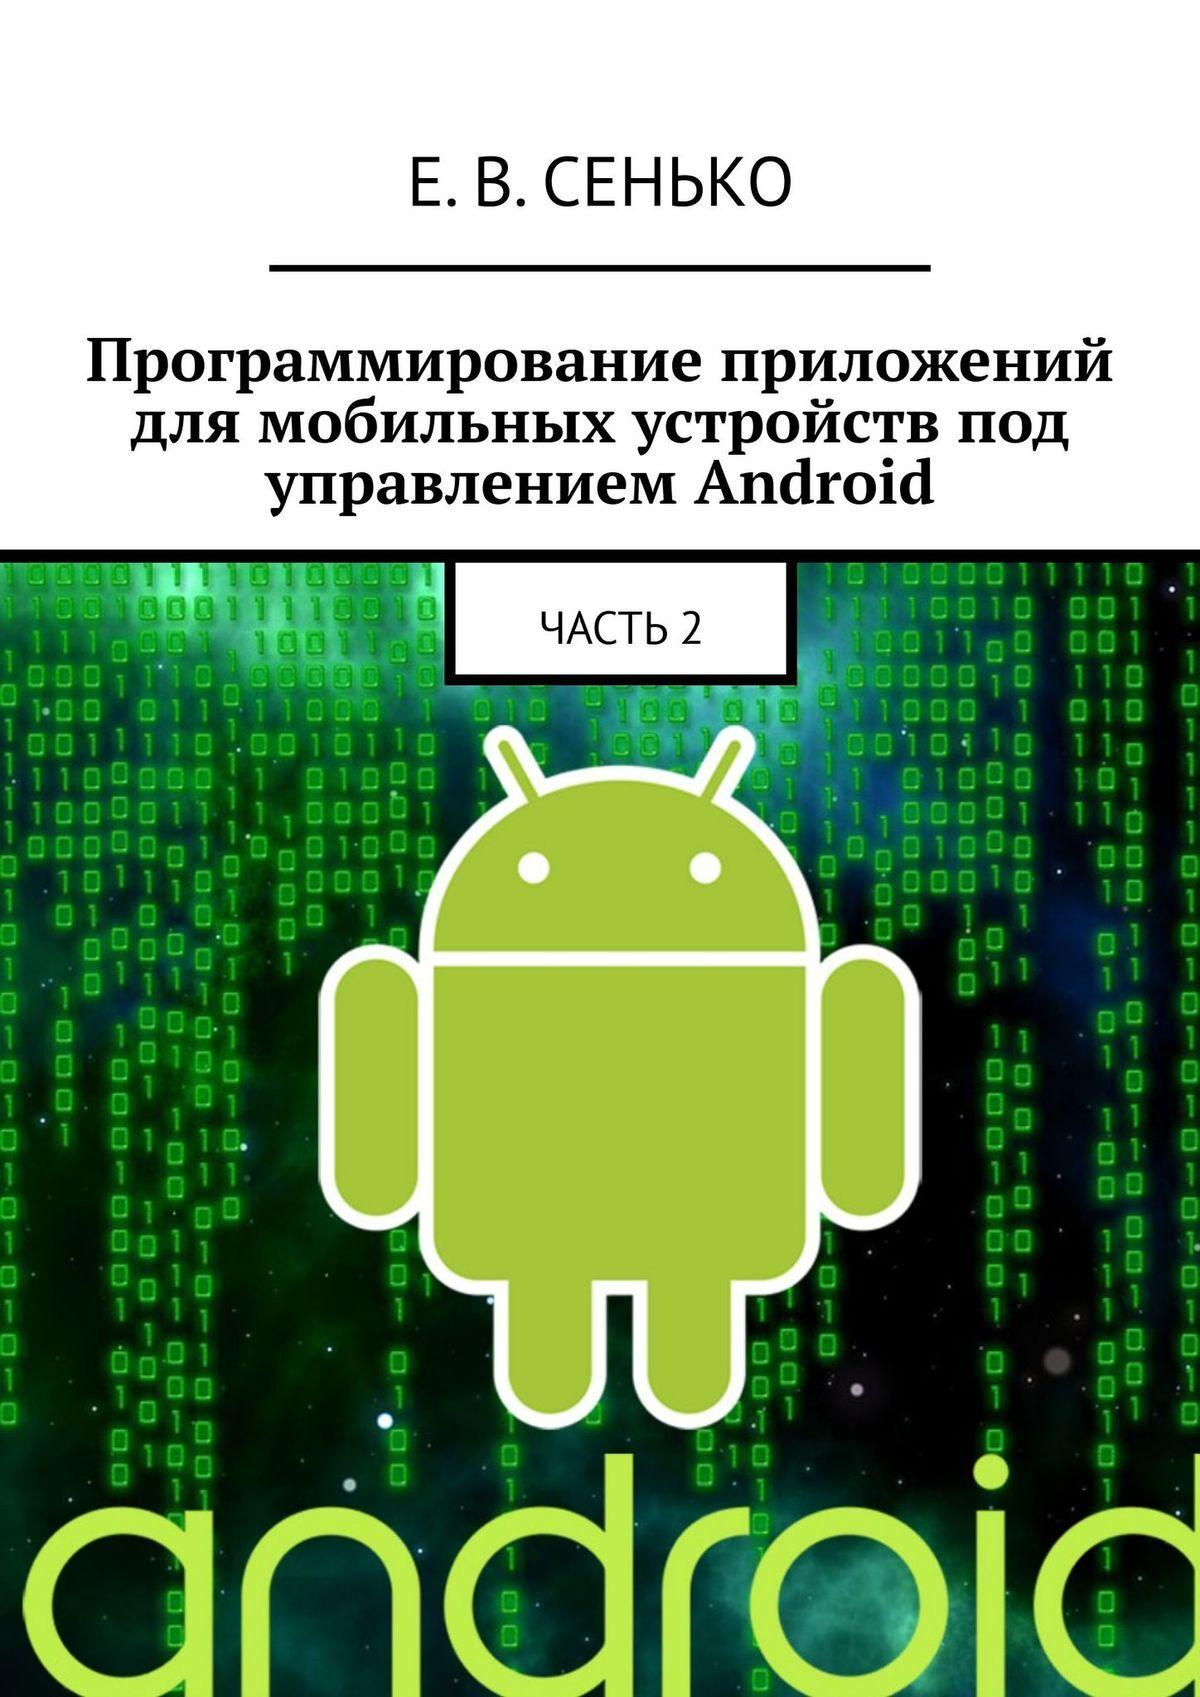 Евгений Сенько Программирование приложений для мобильных устройств под управлением Android. Часть2 цена 2017